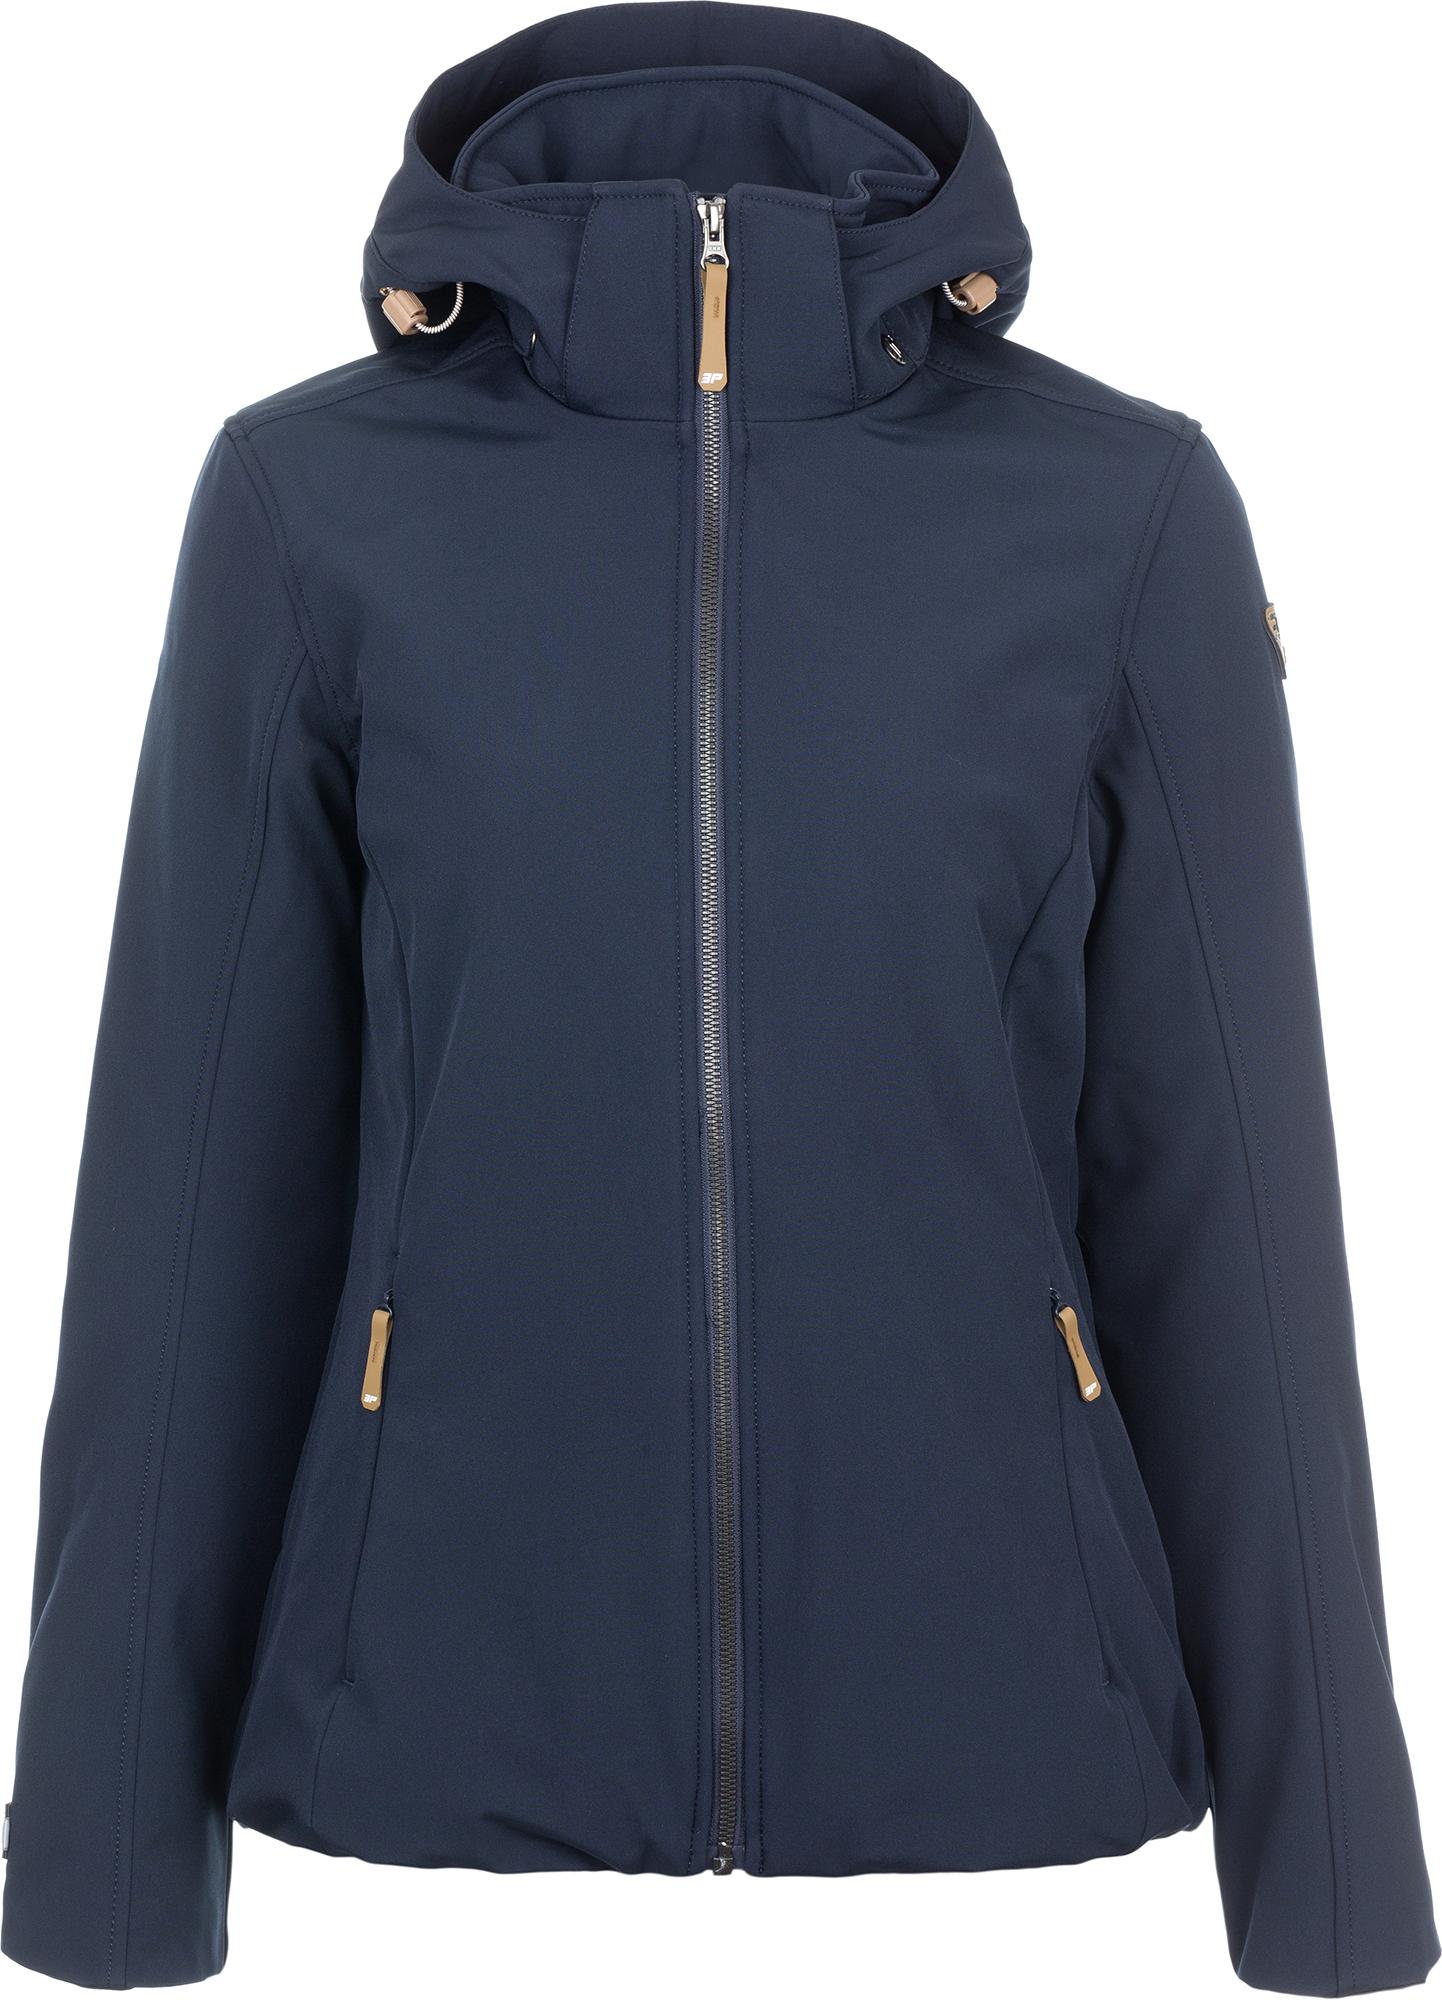 IcePeak Куртка утепленная женская IcePeak Tuula